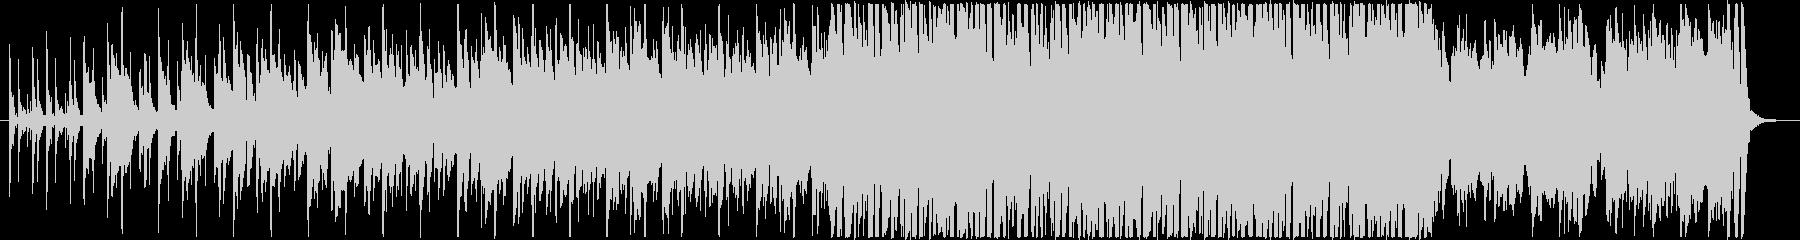 ライブルーピング的なダーク系ヒップホップの未再生の波形